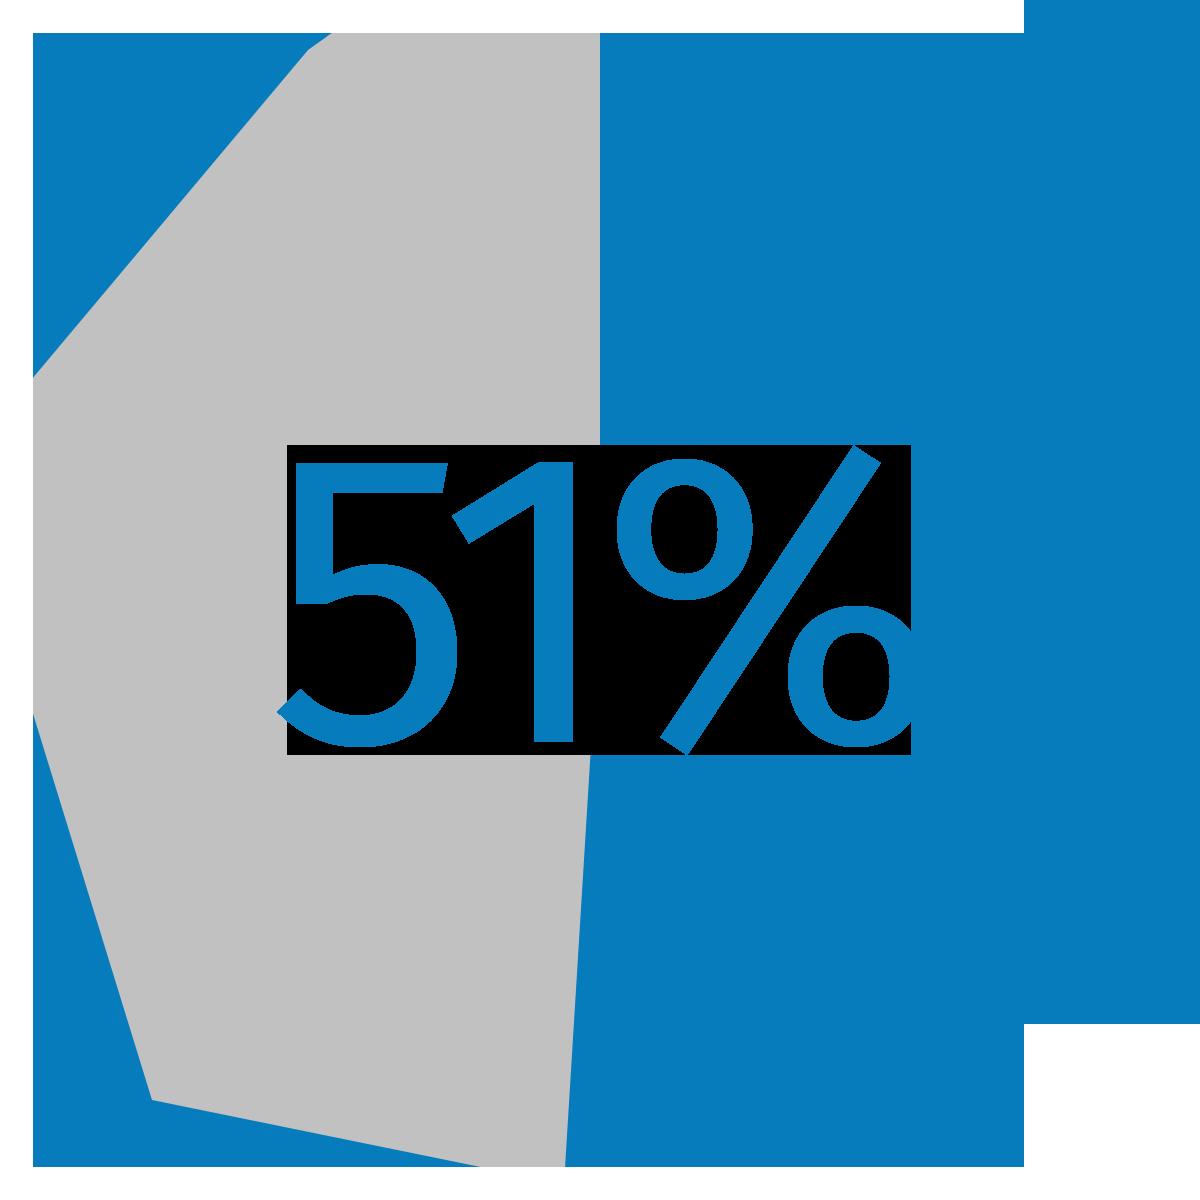 Percentage pie showing 51%